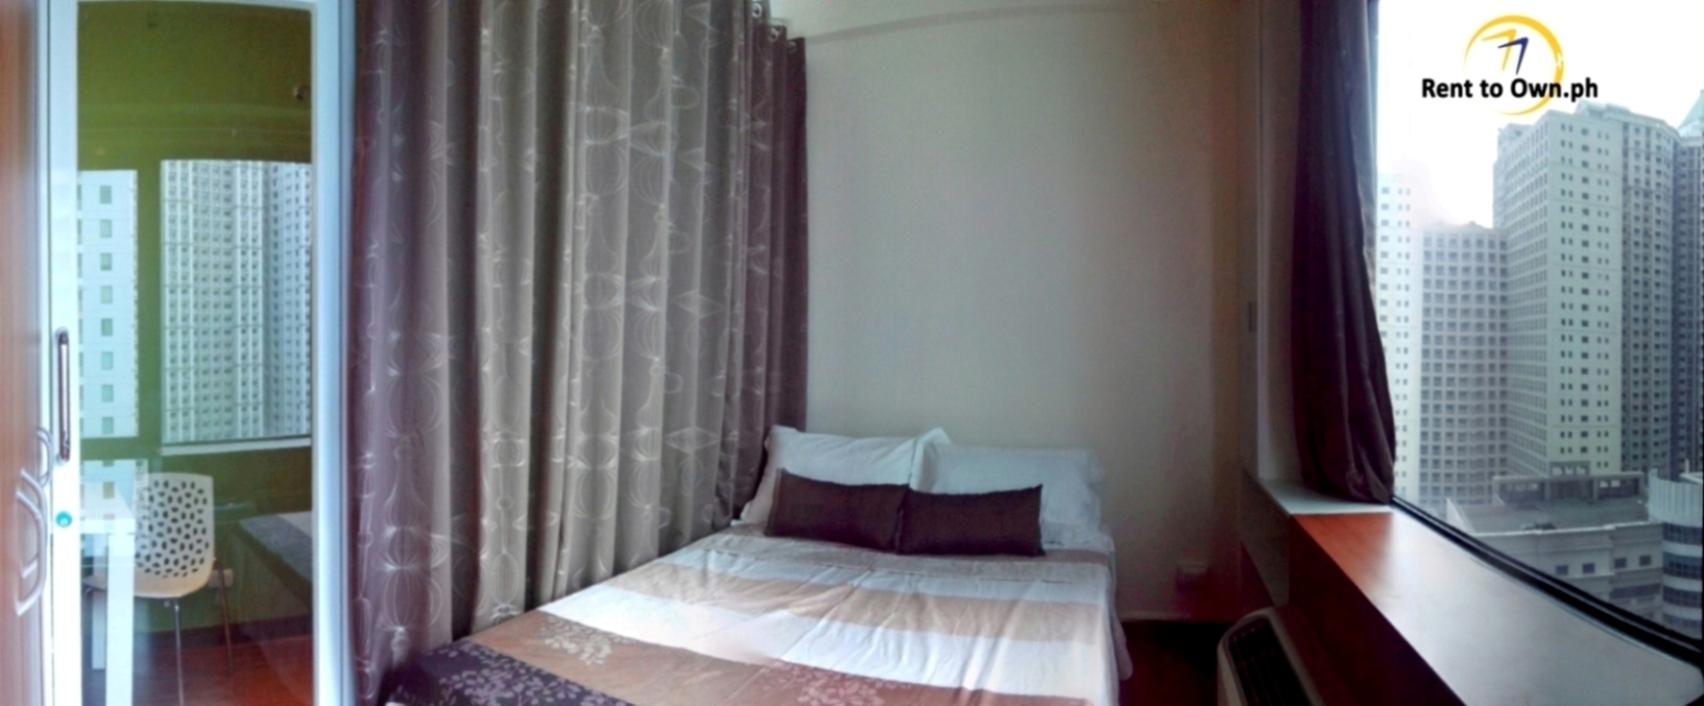 Bedroom - http://www.renttoown.ph